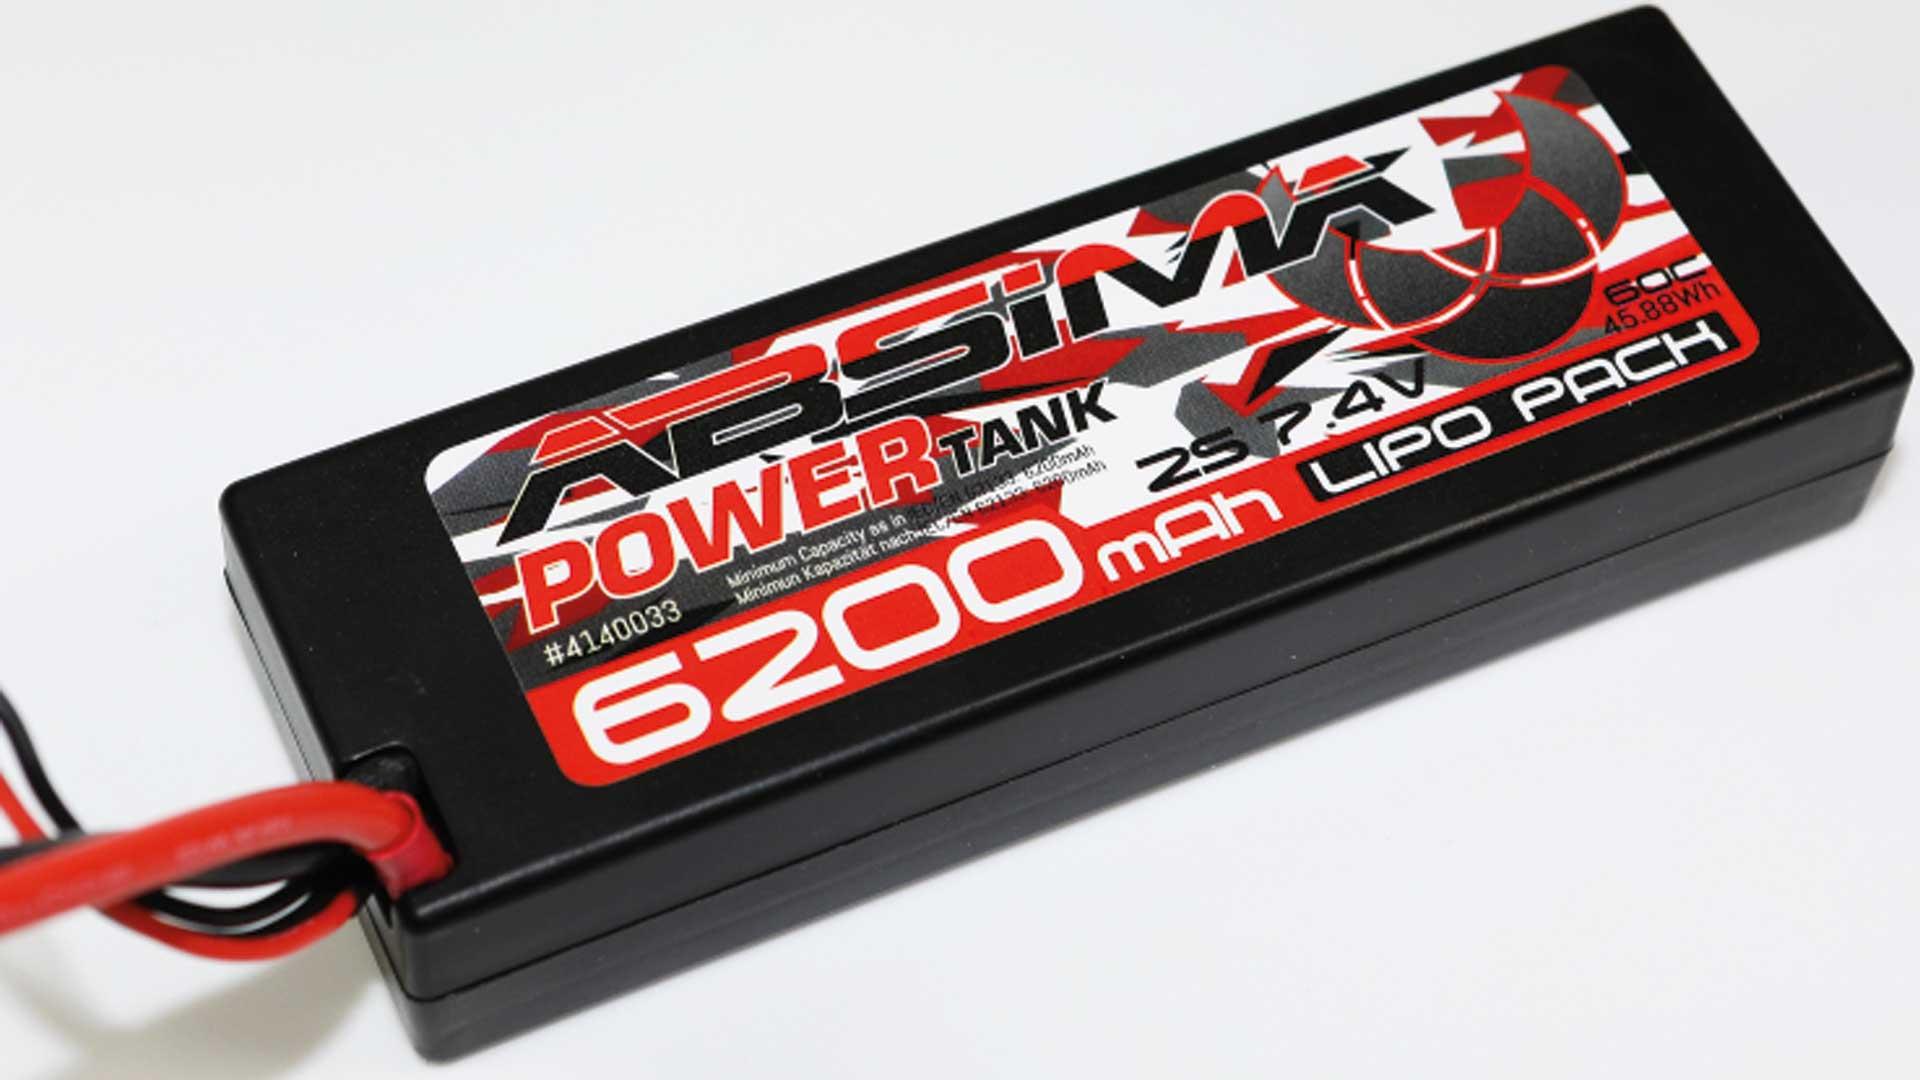 Absima Power Tank LiPo Stick Pack 7,4V 60C 6200mah Hardcase (T Plug)